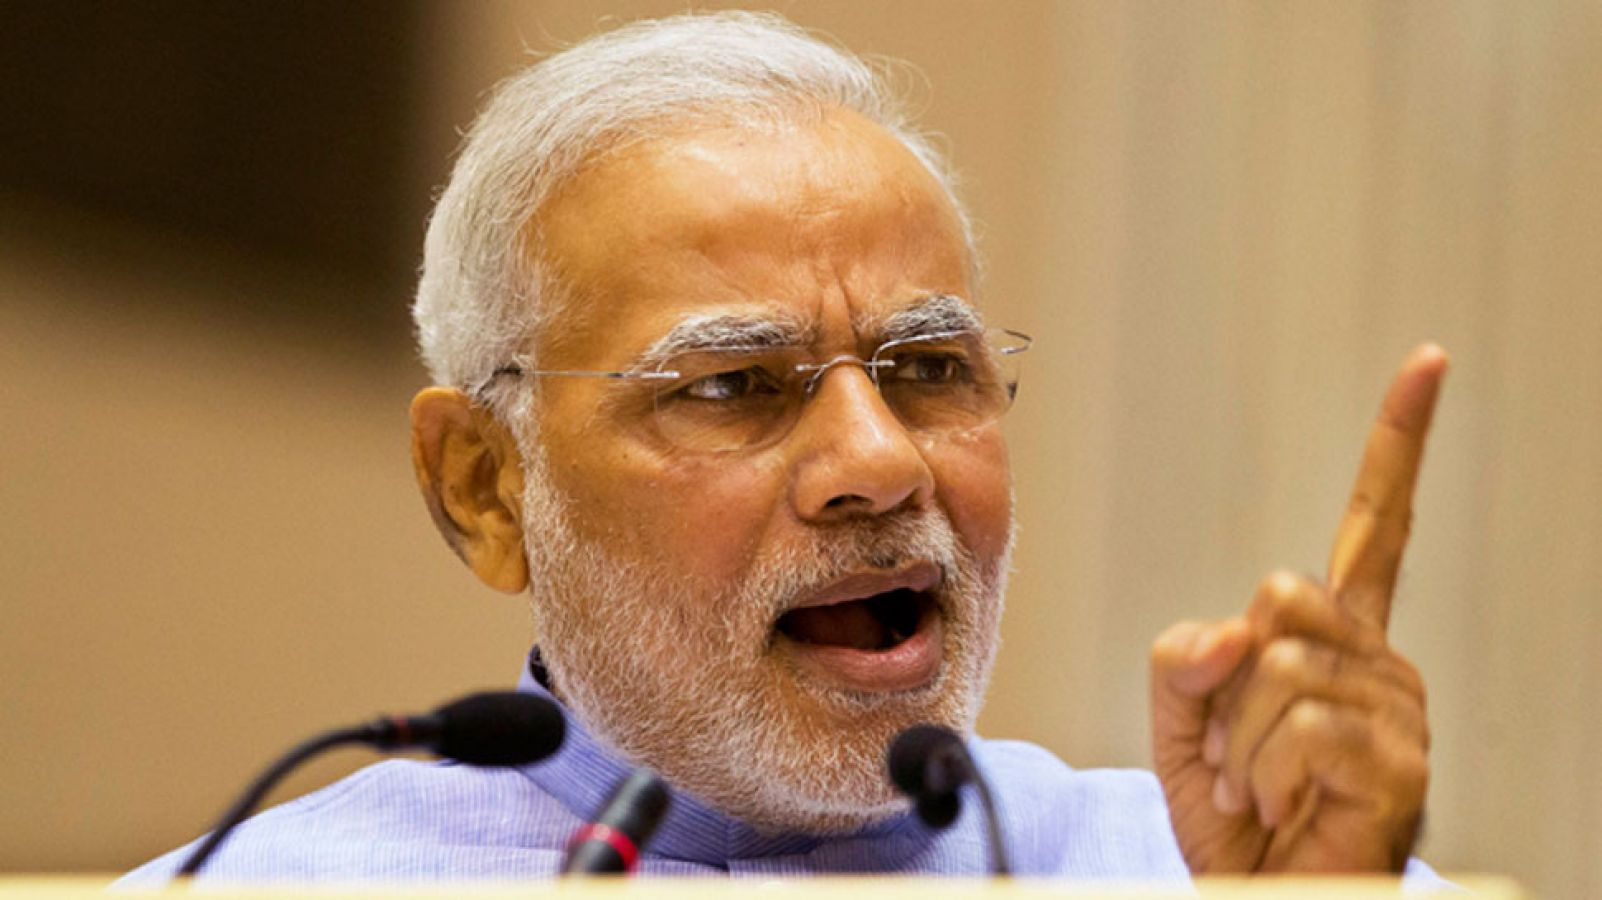 सरदार पटेल की प्रतिमा का उद्देश्य, नेहरू का अनादर नहीं - पीएम मोदी